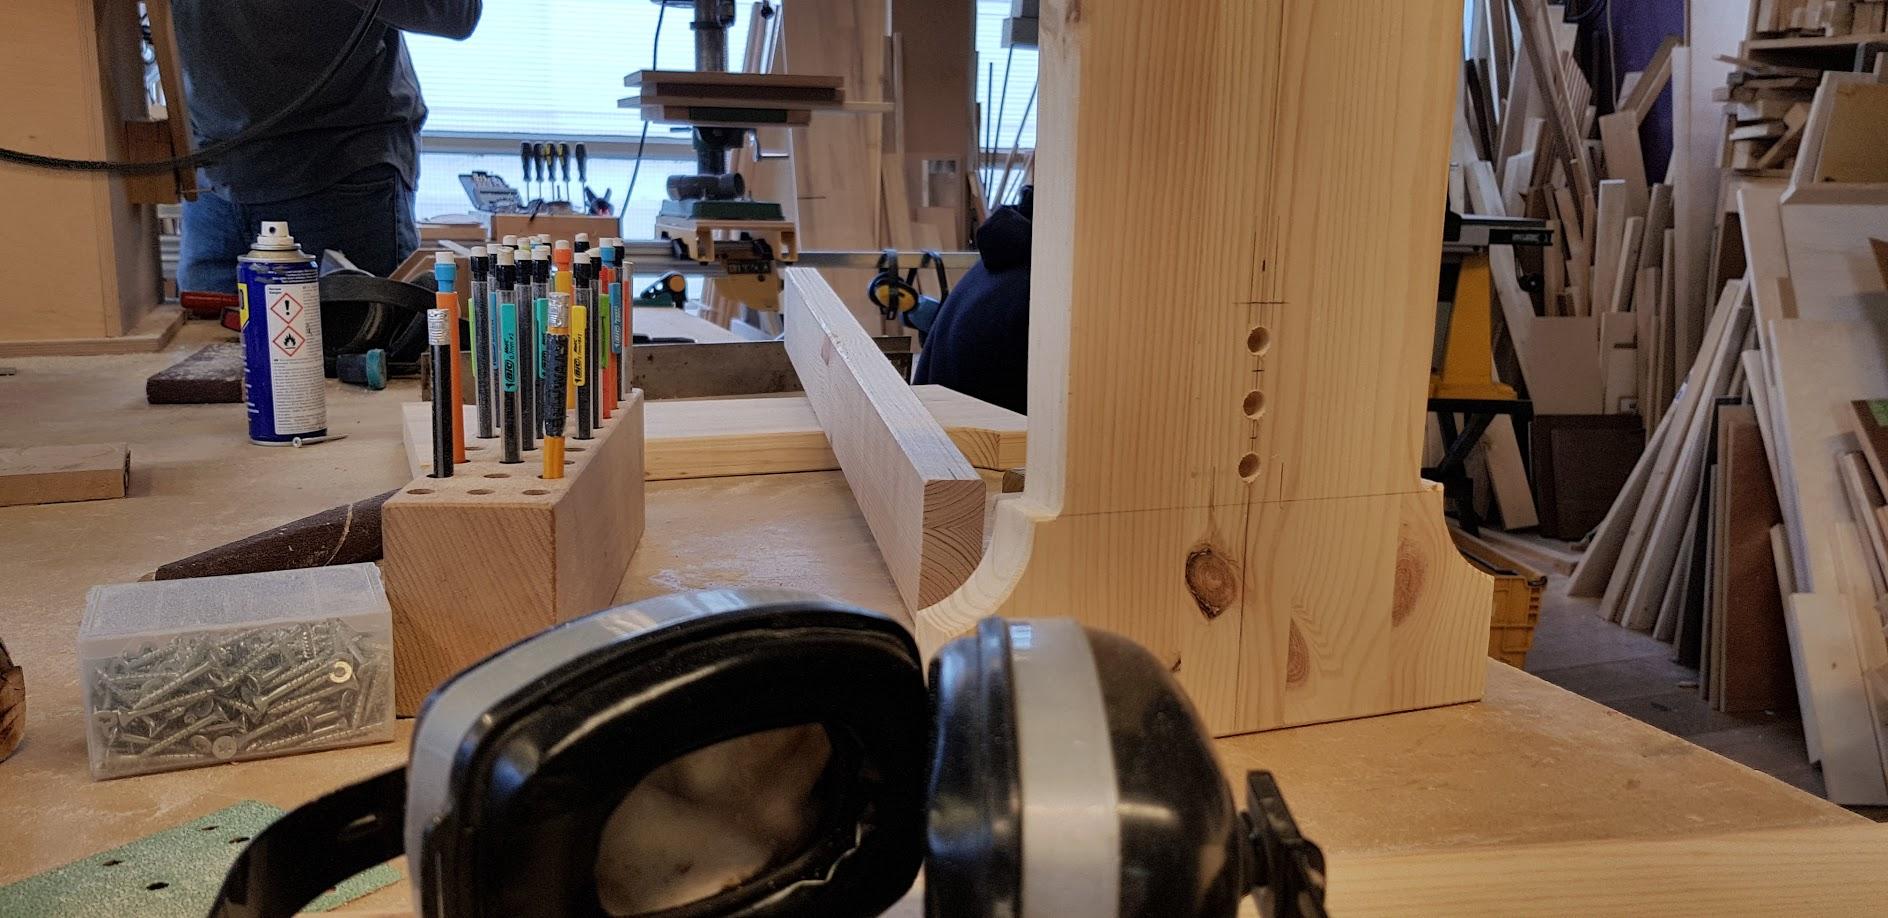 Workshop Meubelmaken zelf meubels maken - je leert het van de experts van klusuniversiteit BeQwaam. Als je heel handig bent dan is er de mogelijkheid om een item in te zagen.